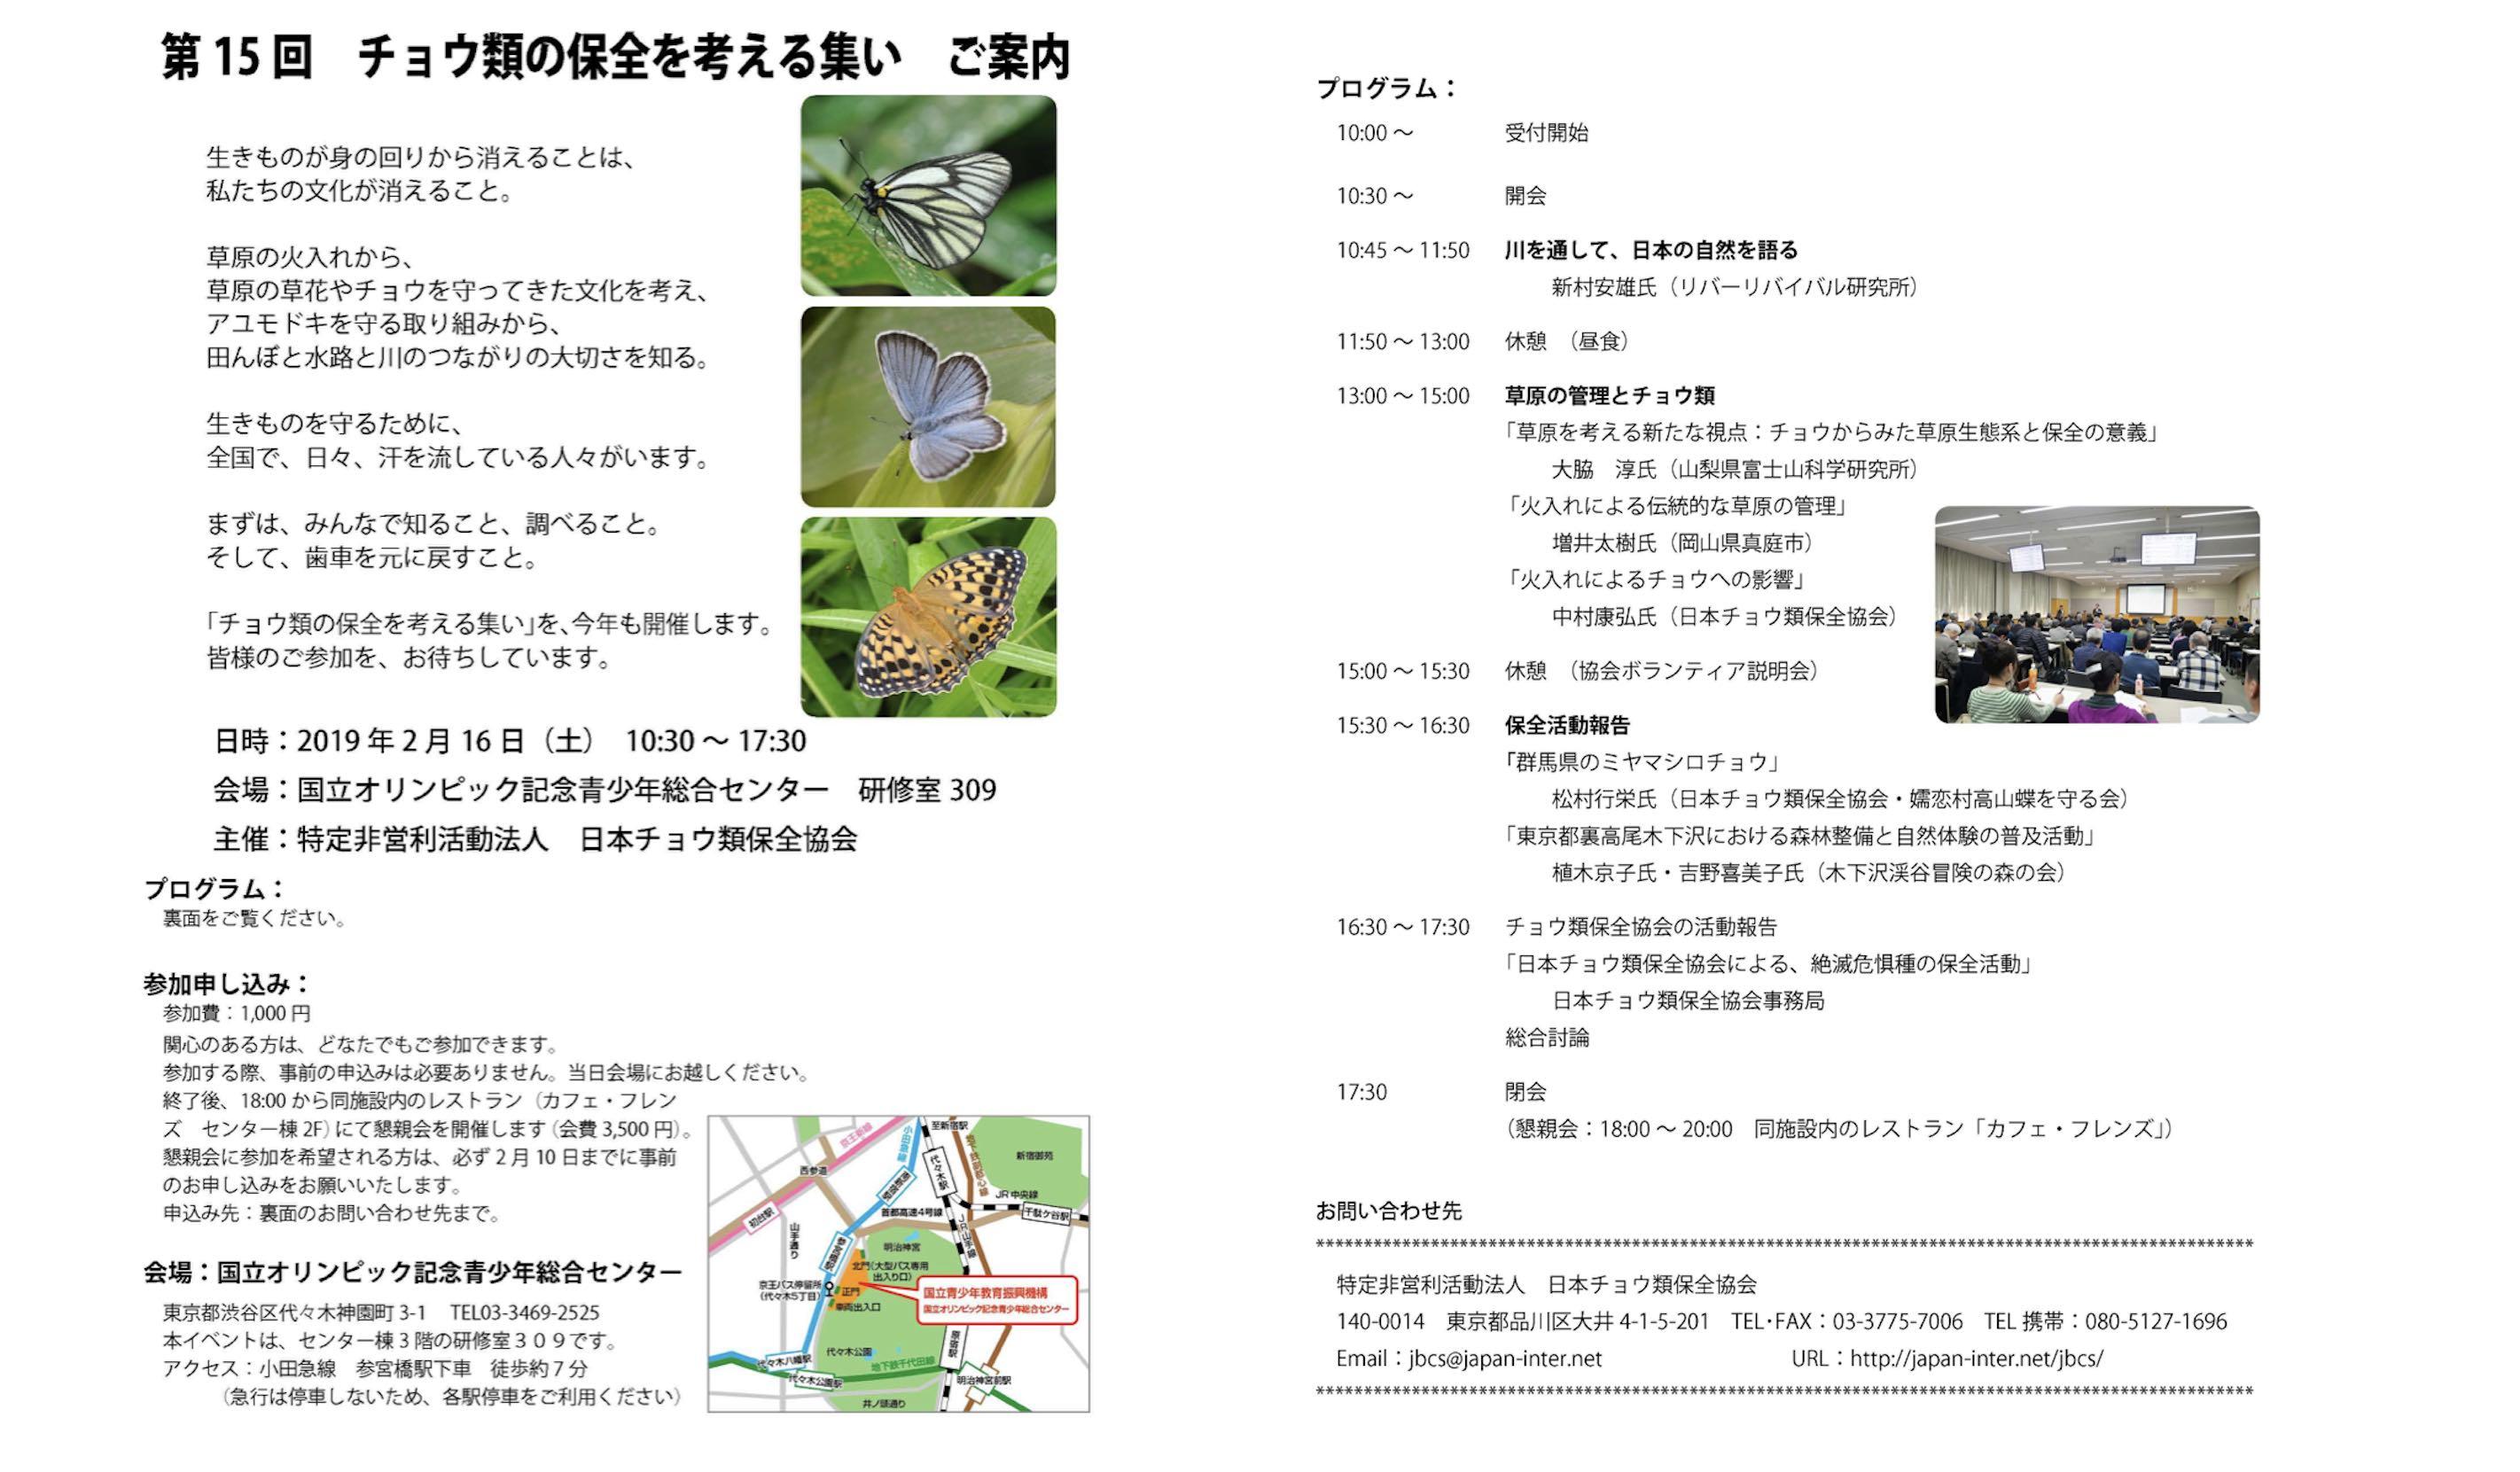 「第15回 チョウ類の保全を考える集い」のお知らせ_d0303129_14203758.jpg